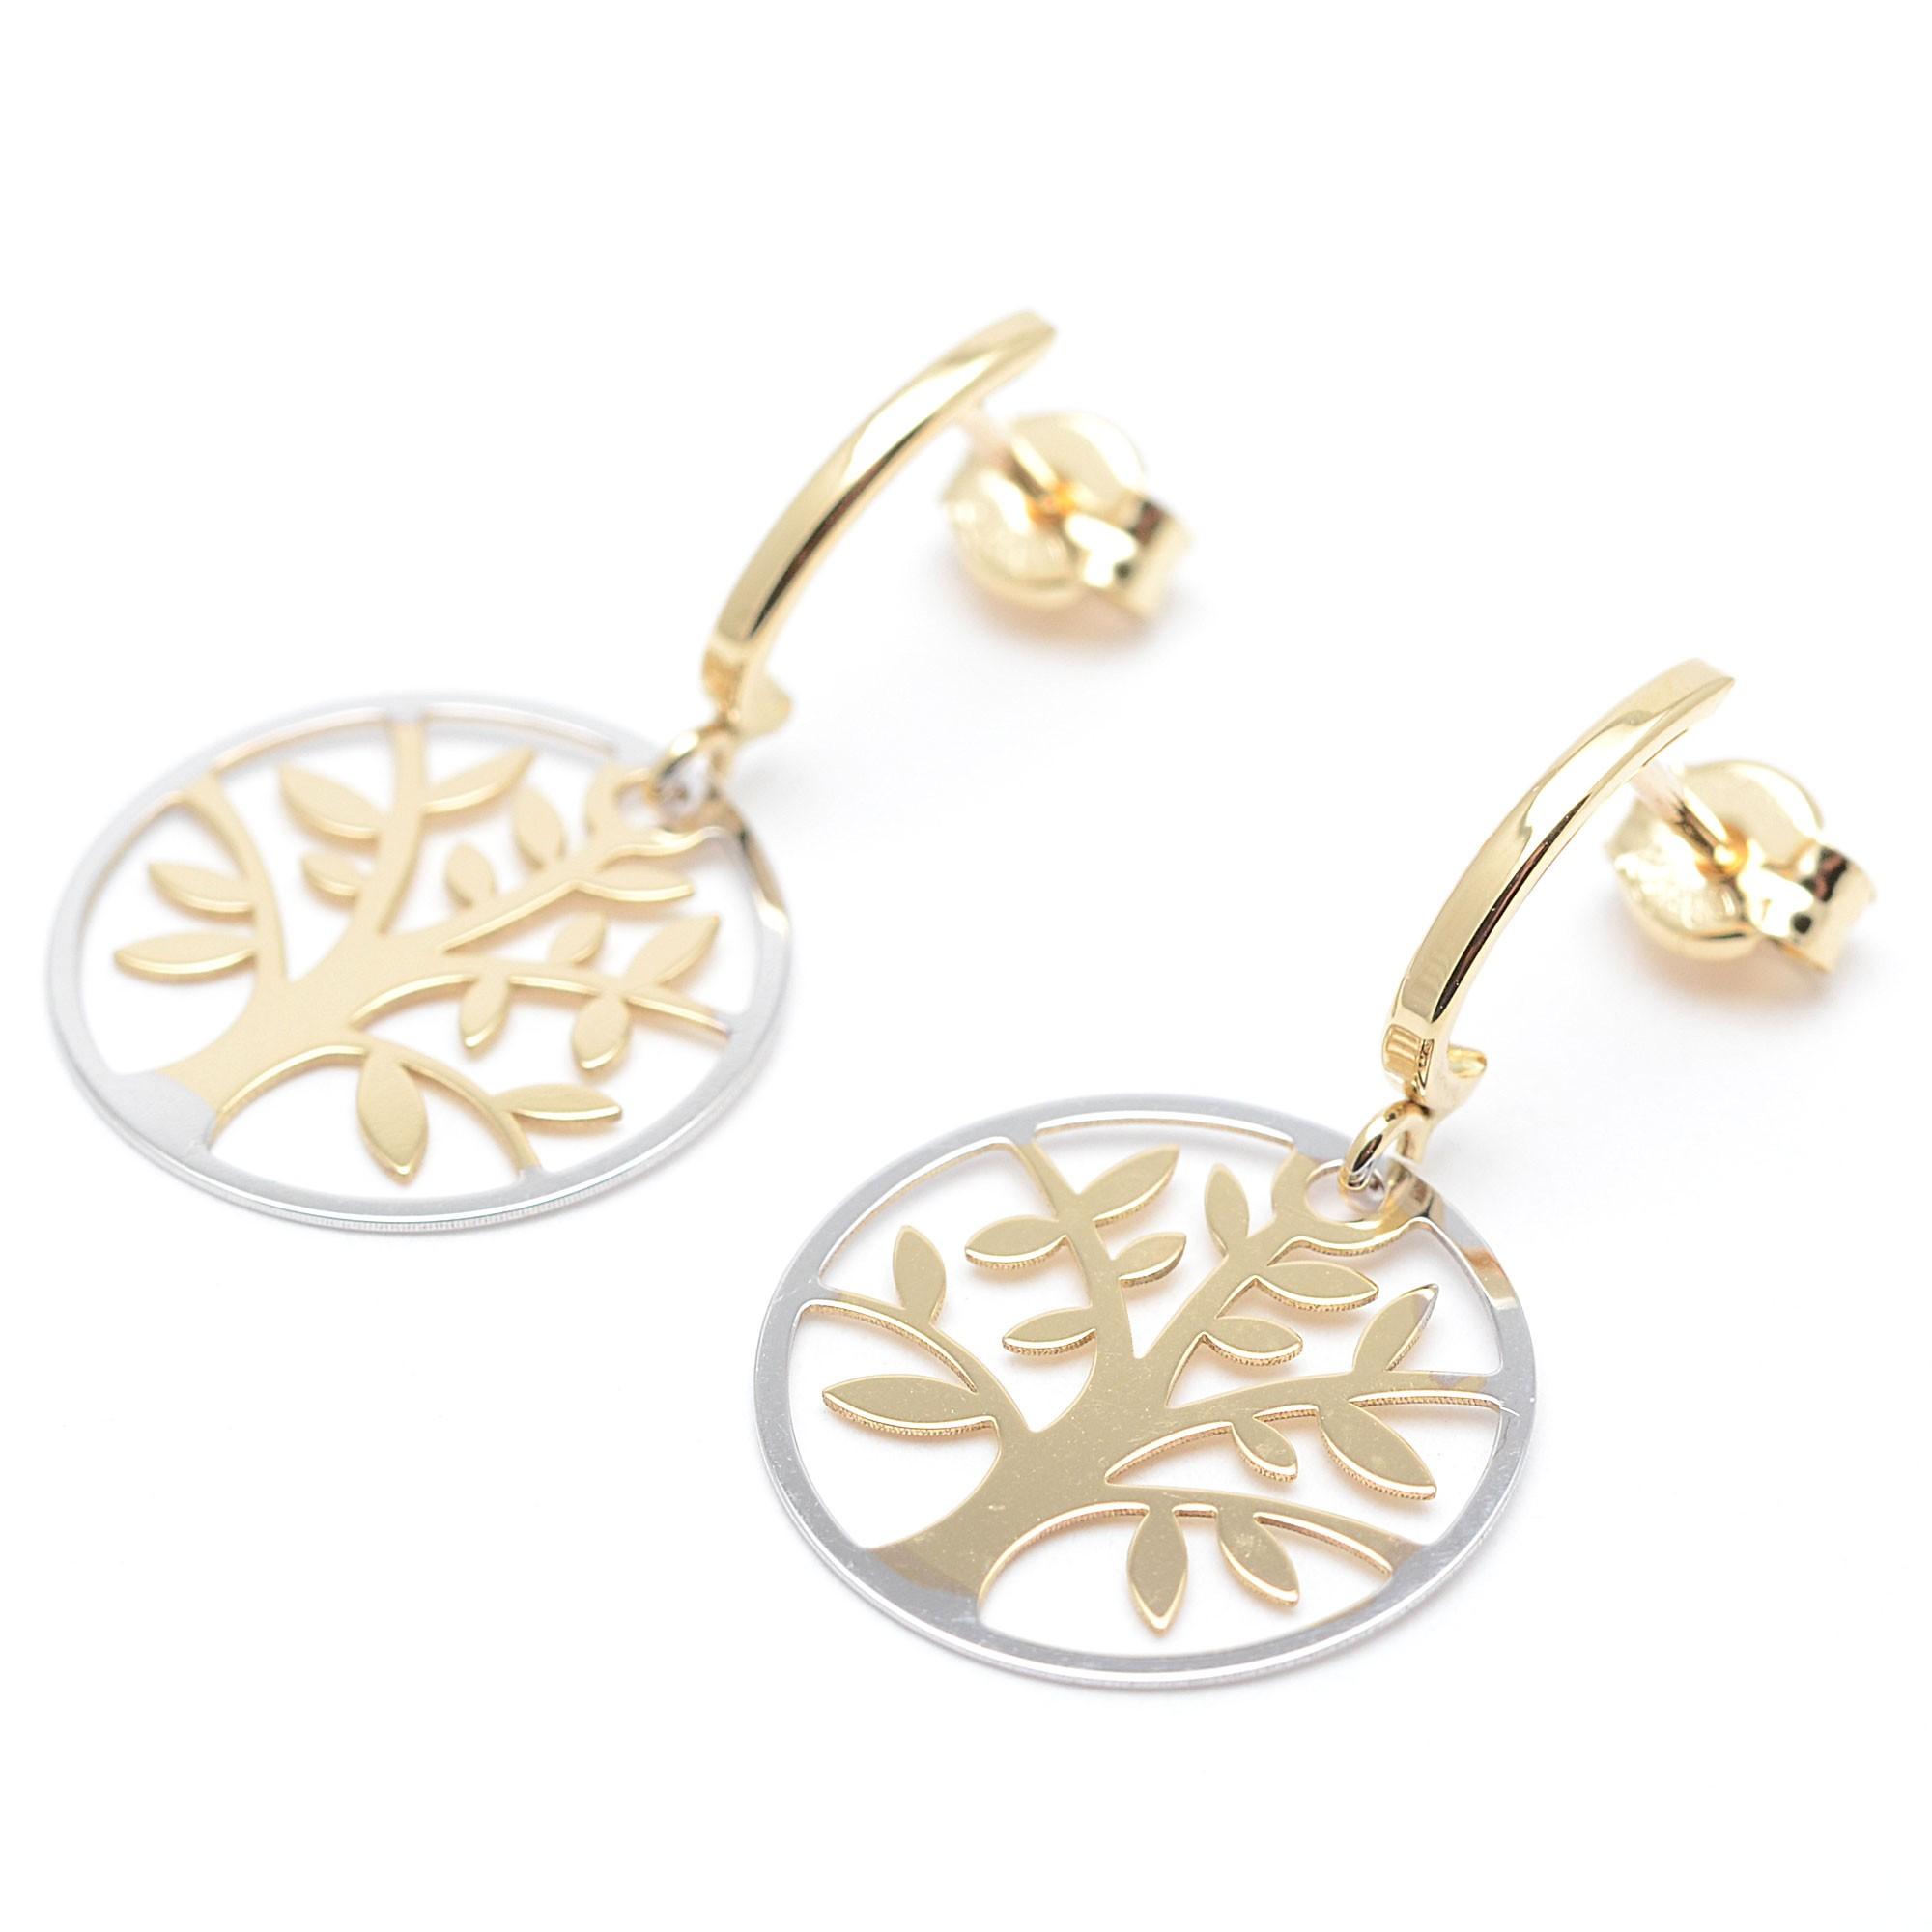 Pendiente aretes pendientes árbol de la vida en el oro o plata